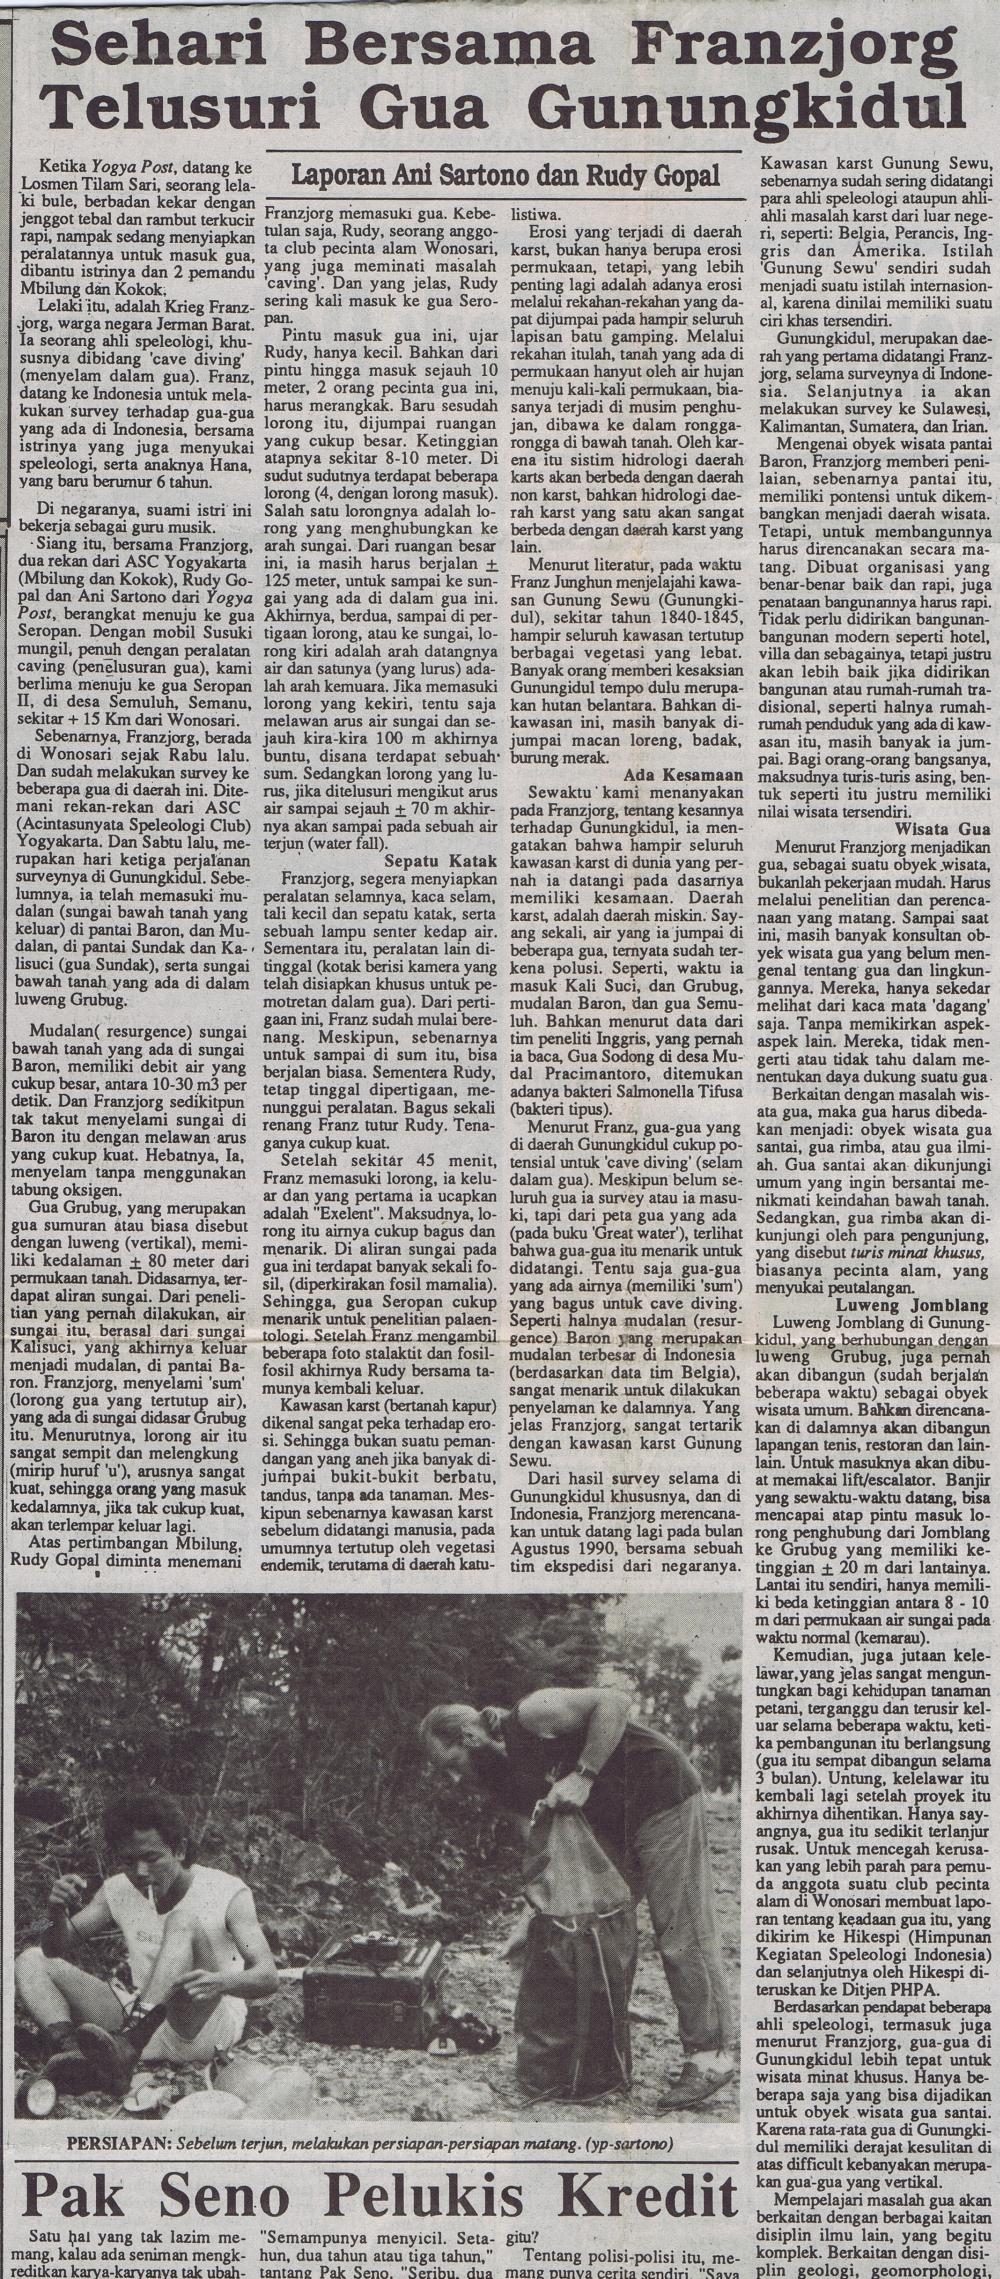 19900107_print_Yogya-Post_Sehari_Artikel_1000